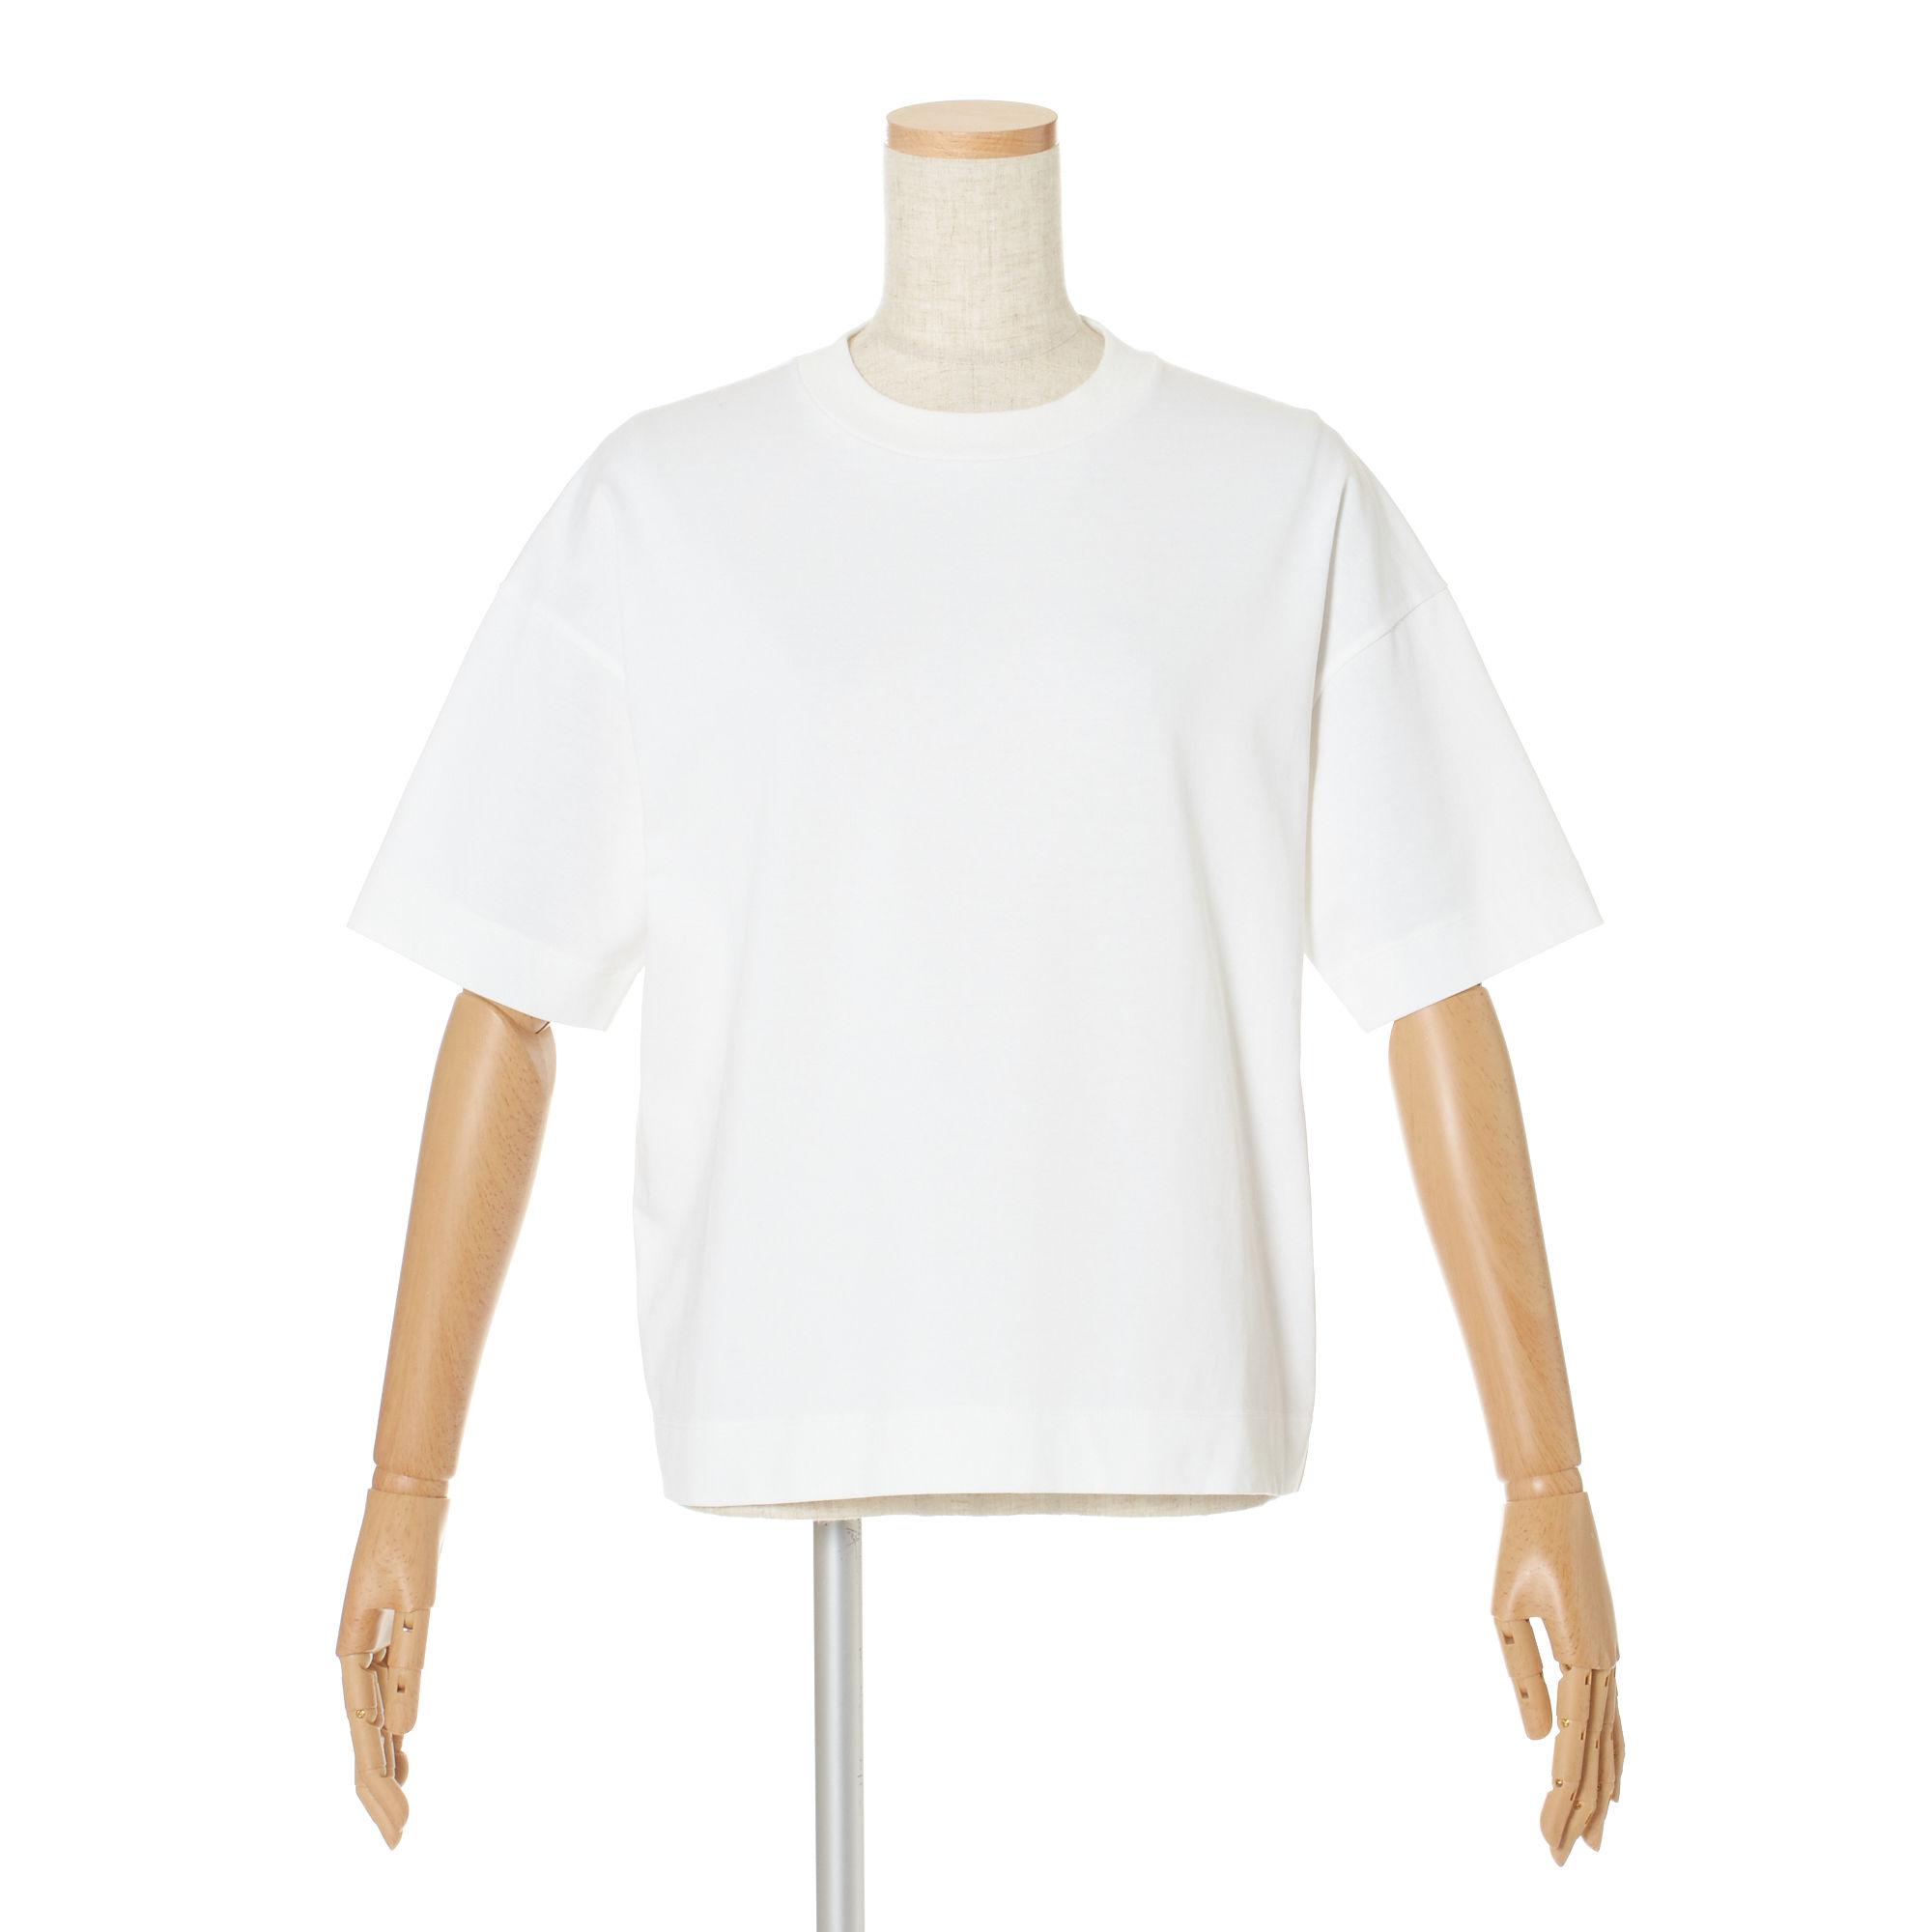 程よい厚みと大きめシルエットが、楽ちんなのにおしゃれに決まる SLOANE ペルーコットン天竺 Tシャツ